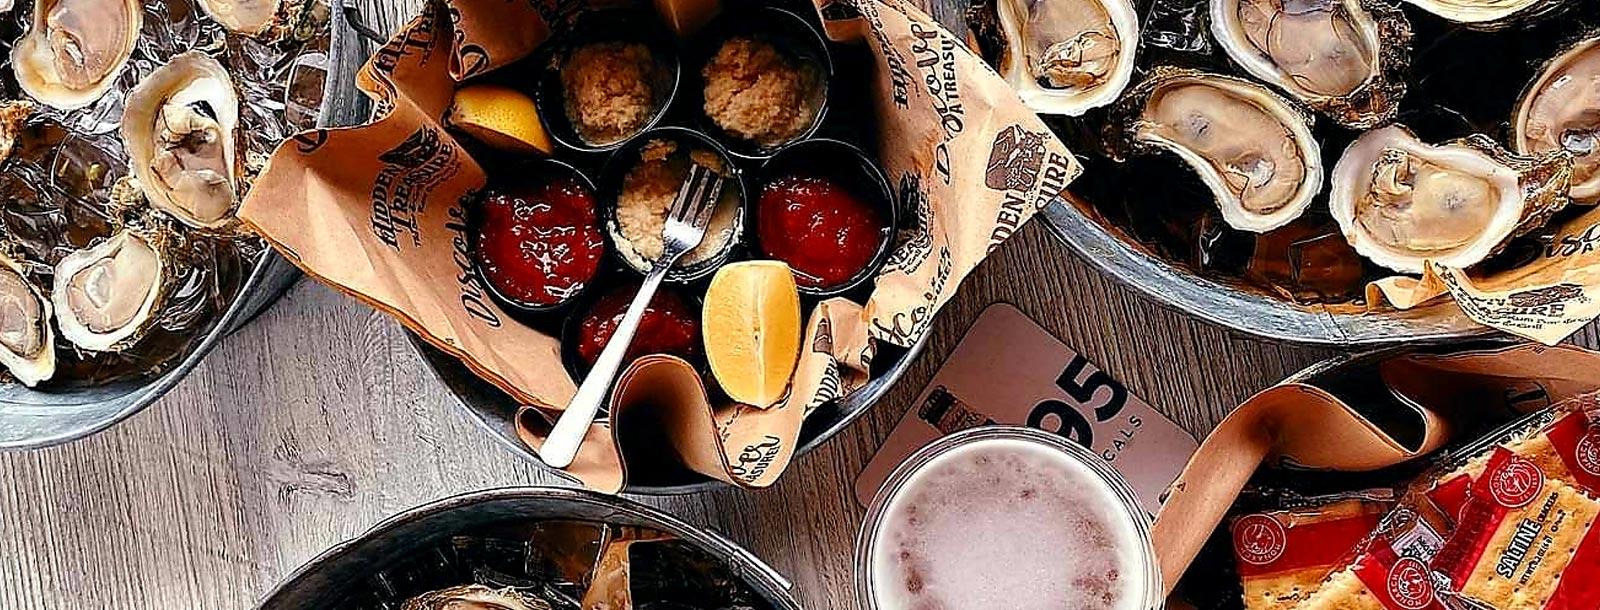 oysters ten dollars per dozen hidden treasure restaurants